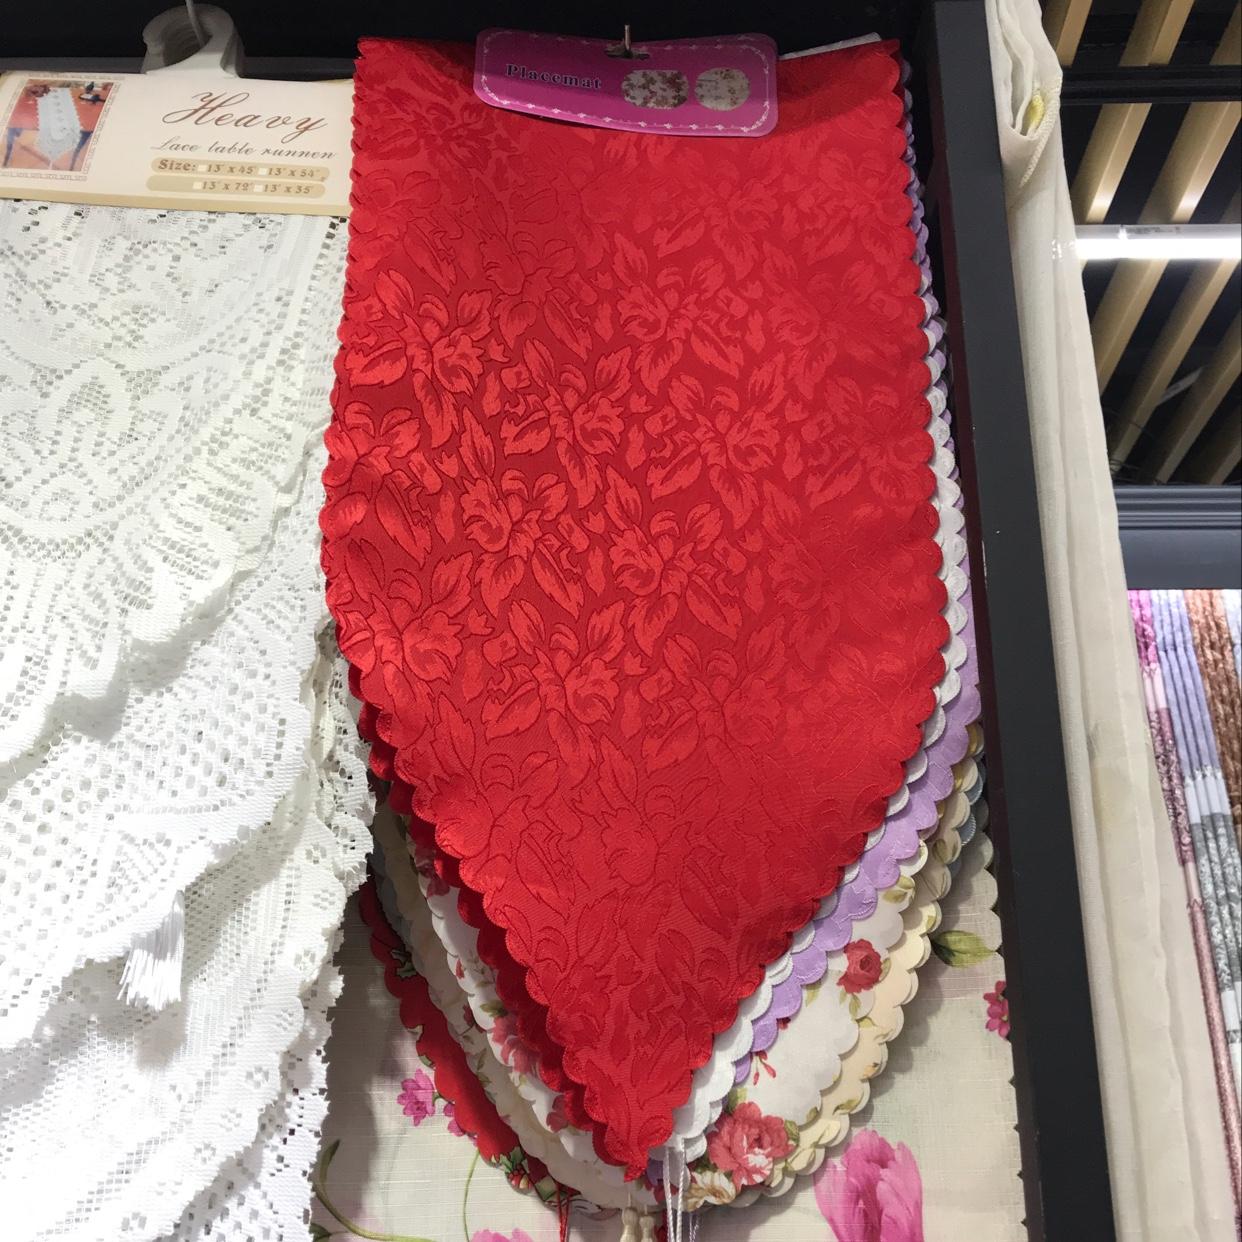 桌旗印花桌旗蕾丝餐桌布床头柜盖布防尘布电视洗衣机罩布冰箱长方形台布茶几巾